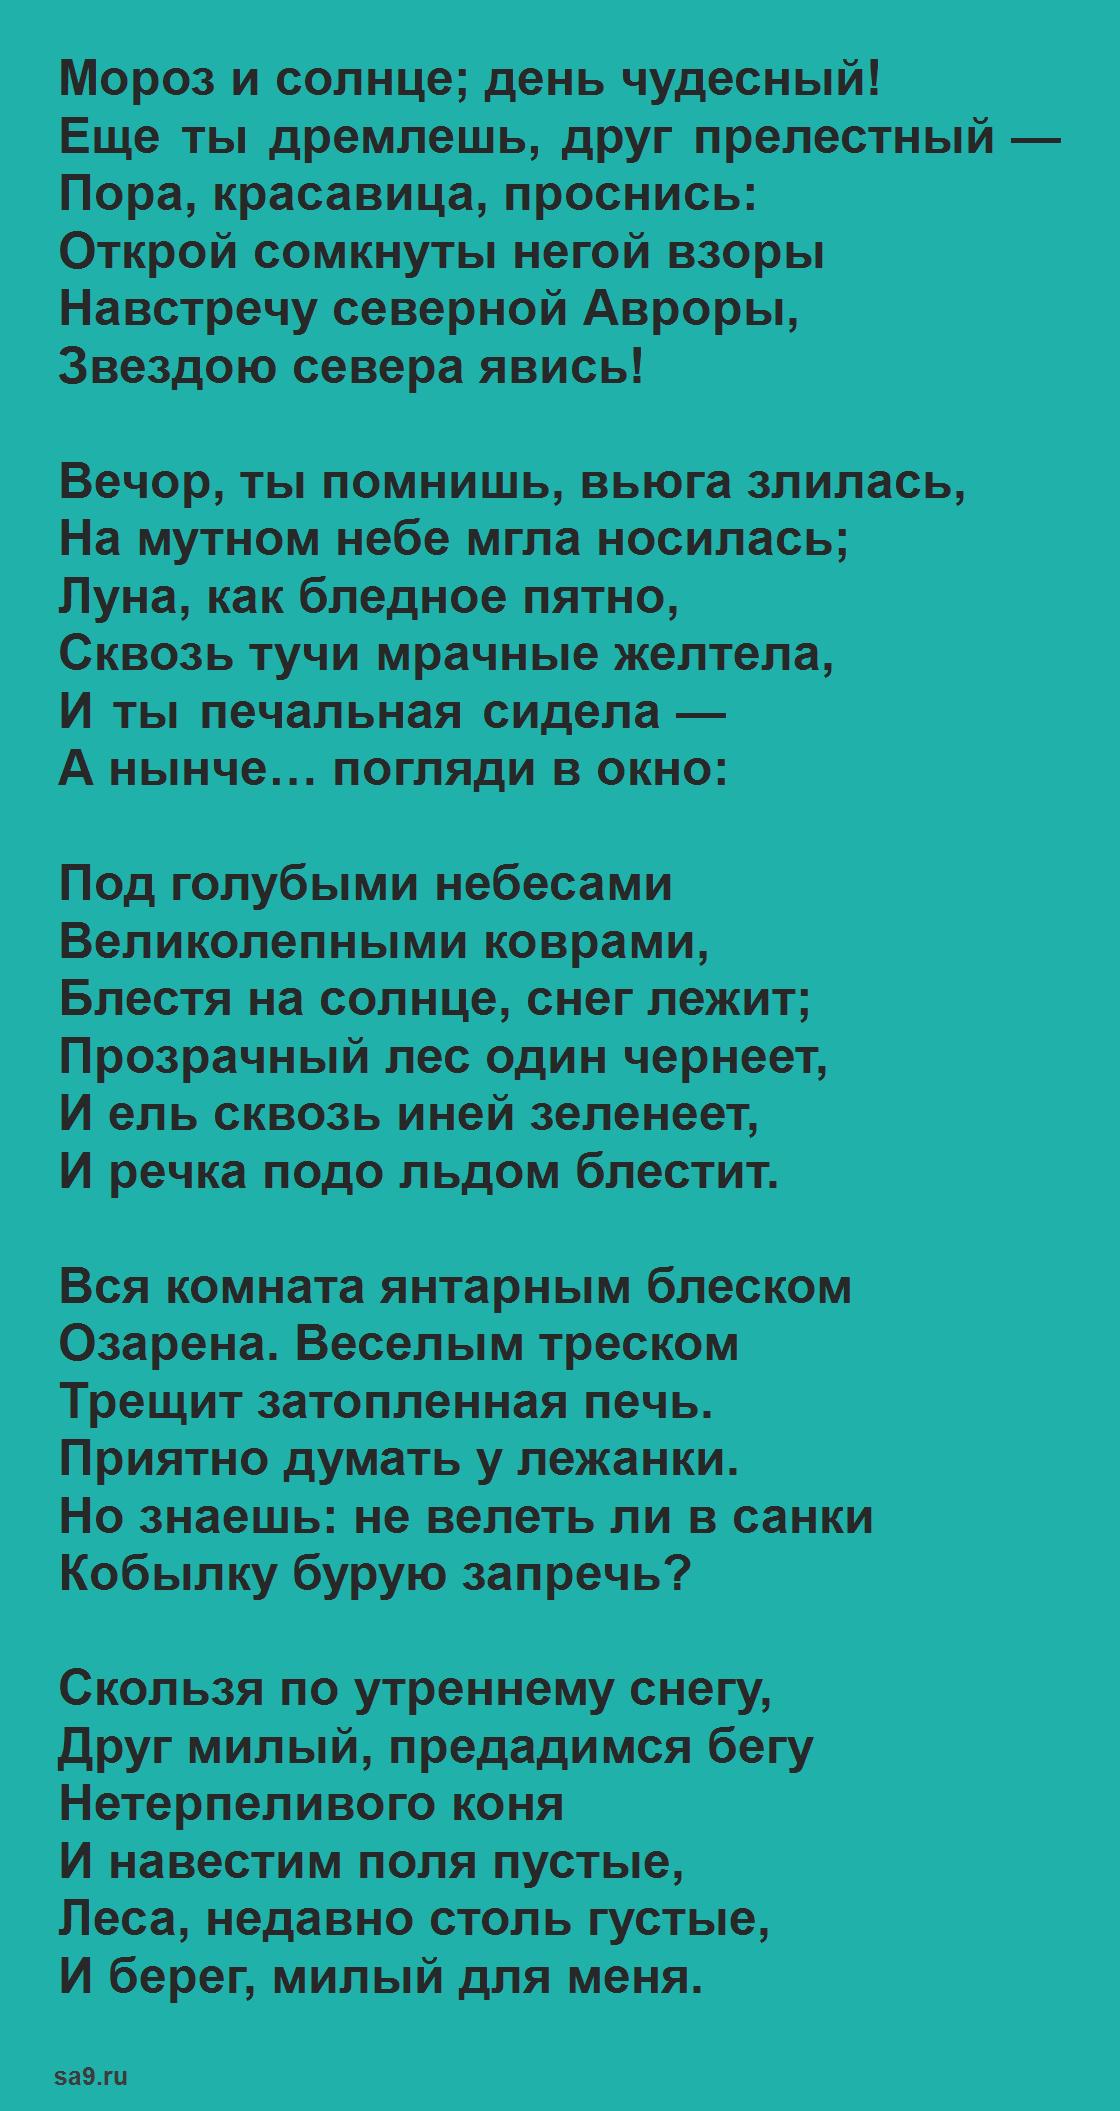 Стихи Пушкина для детей 4 класса - Зимнее утро, для заучивания наизусть